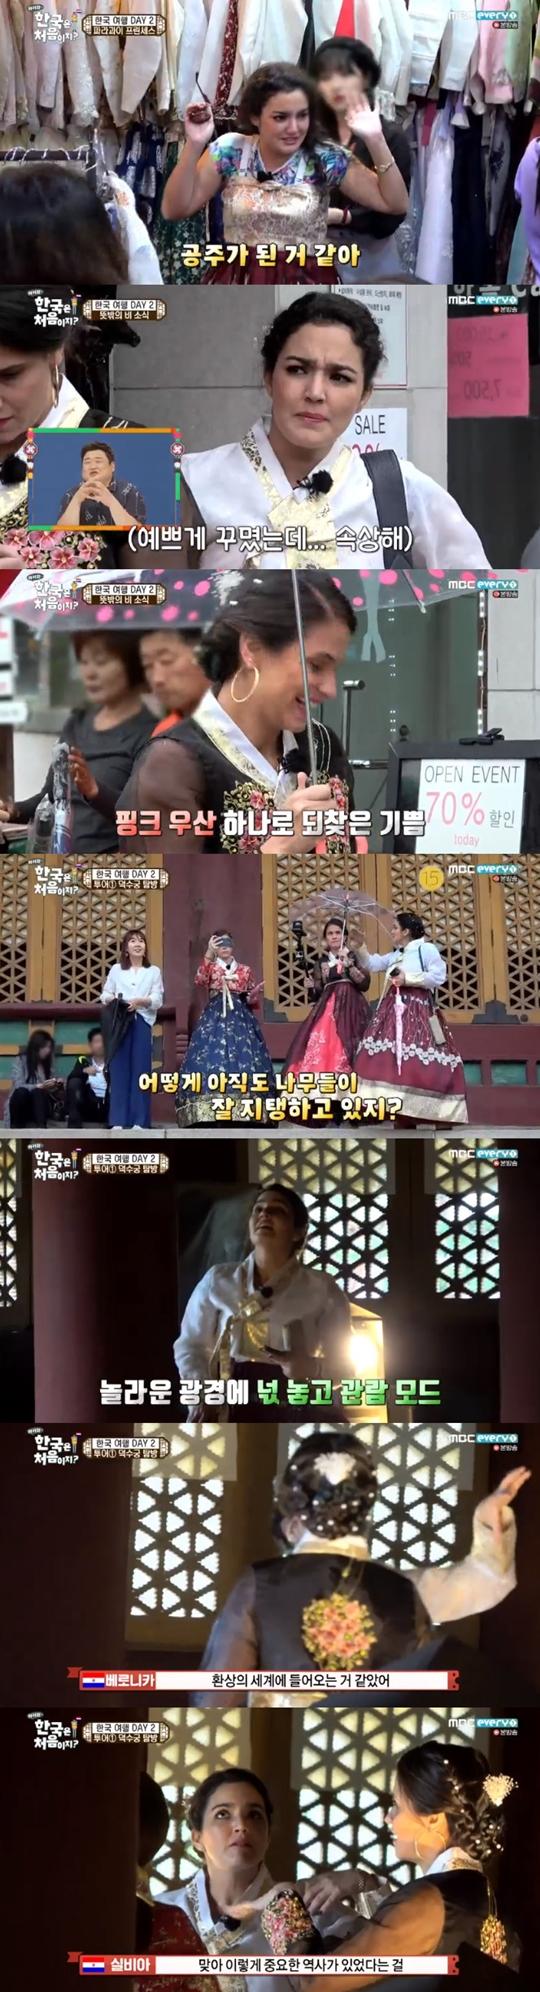 어서와 한국은 처음이지 시즌2 아비가일